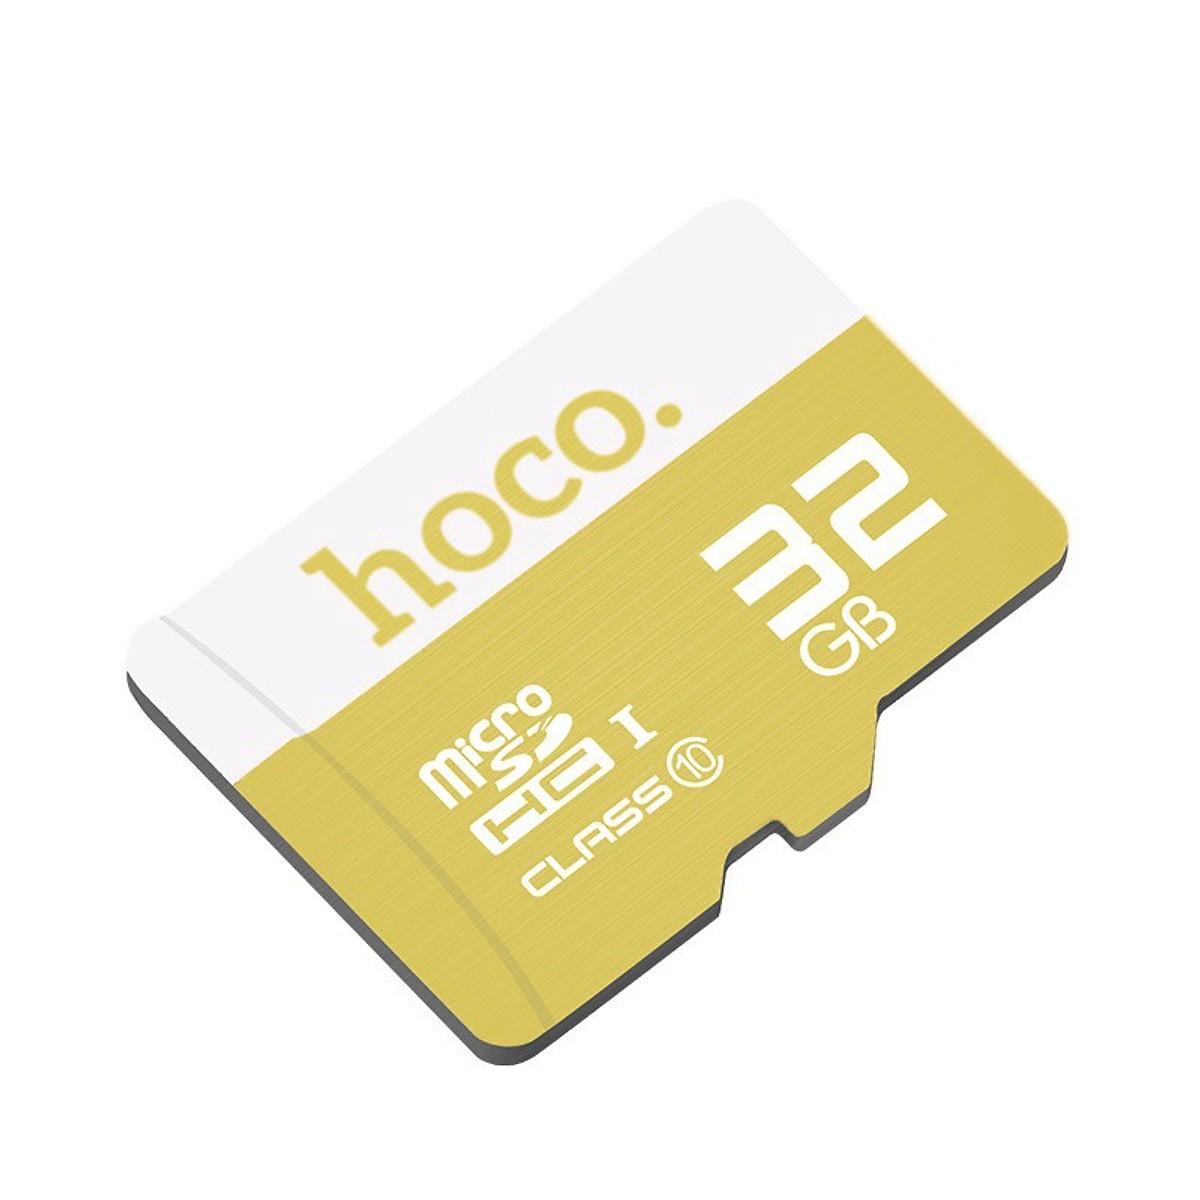 Hoco   Thẻ nhớ   TF Thẻ nhớ Hoco tốc độ cao micro - SDHC Card Class 10 32Gb (90MB / giây) - Hàng chí